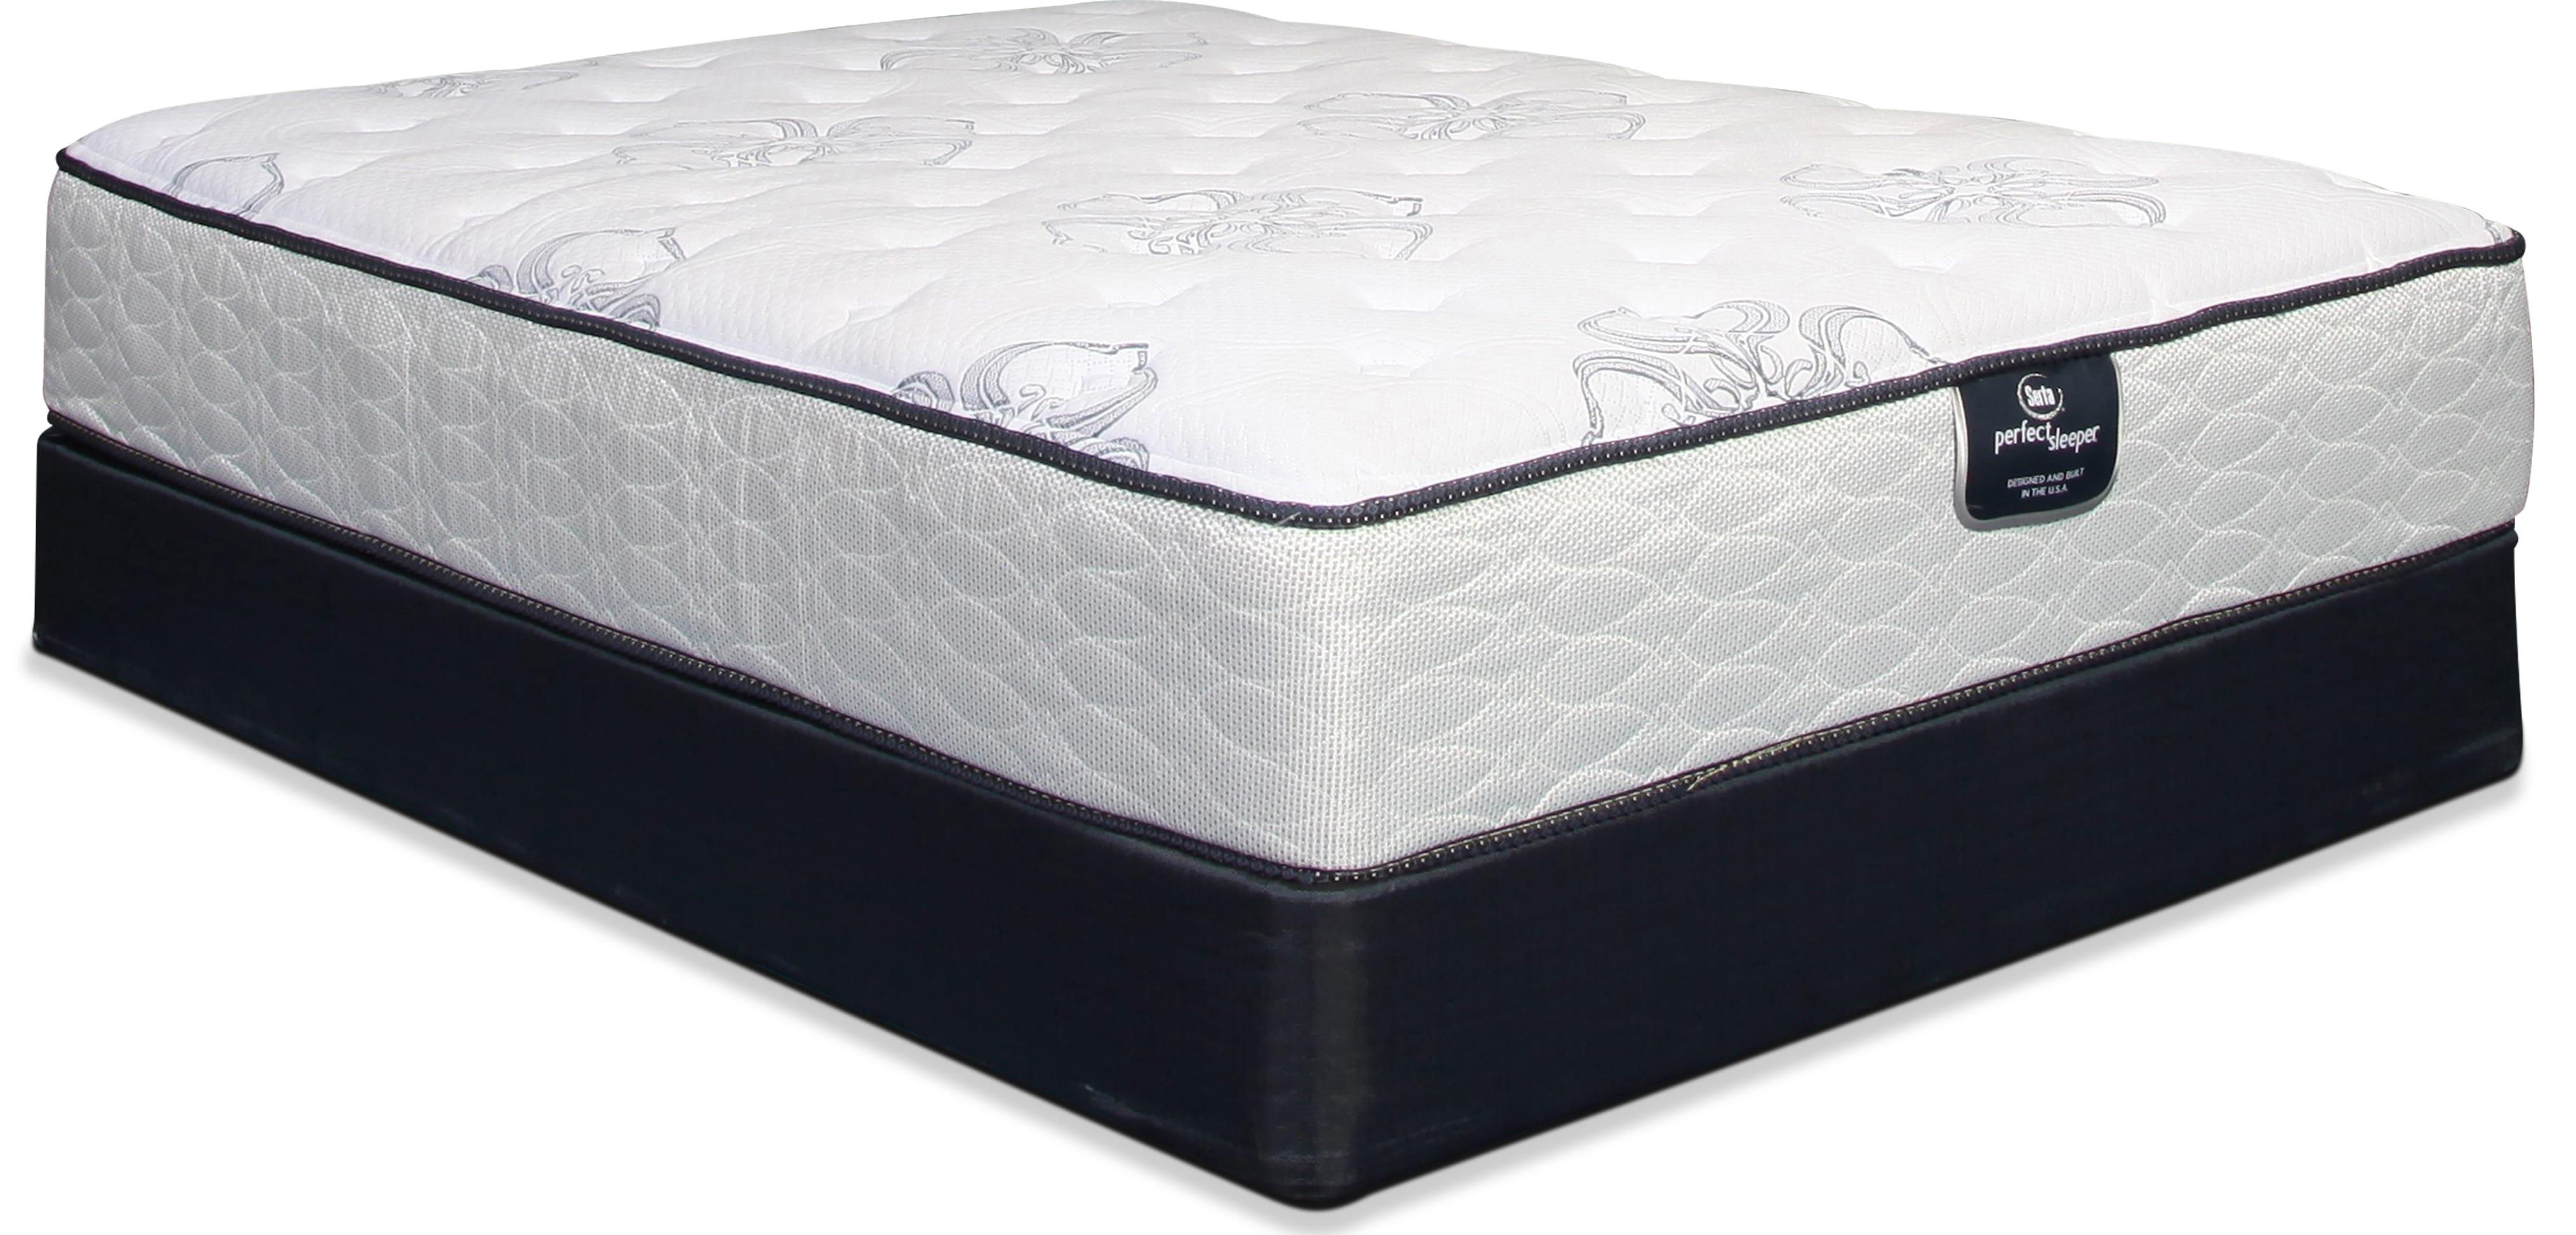 Serta Perfect Sleeper Plush Twin XL Mattress and Boxspring